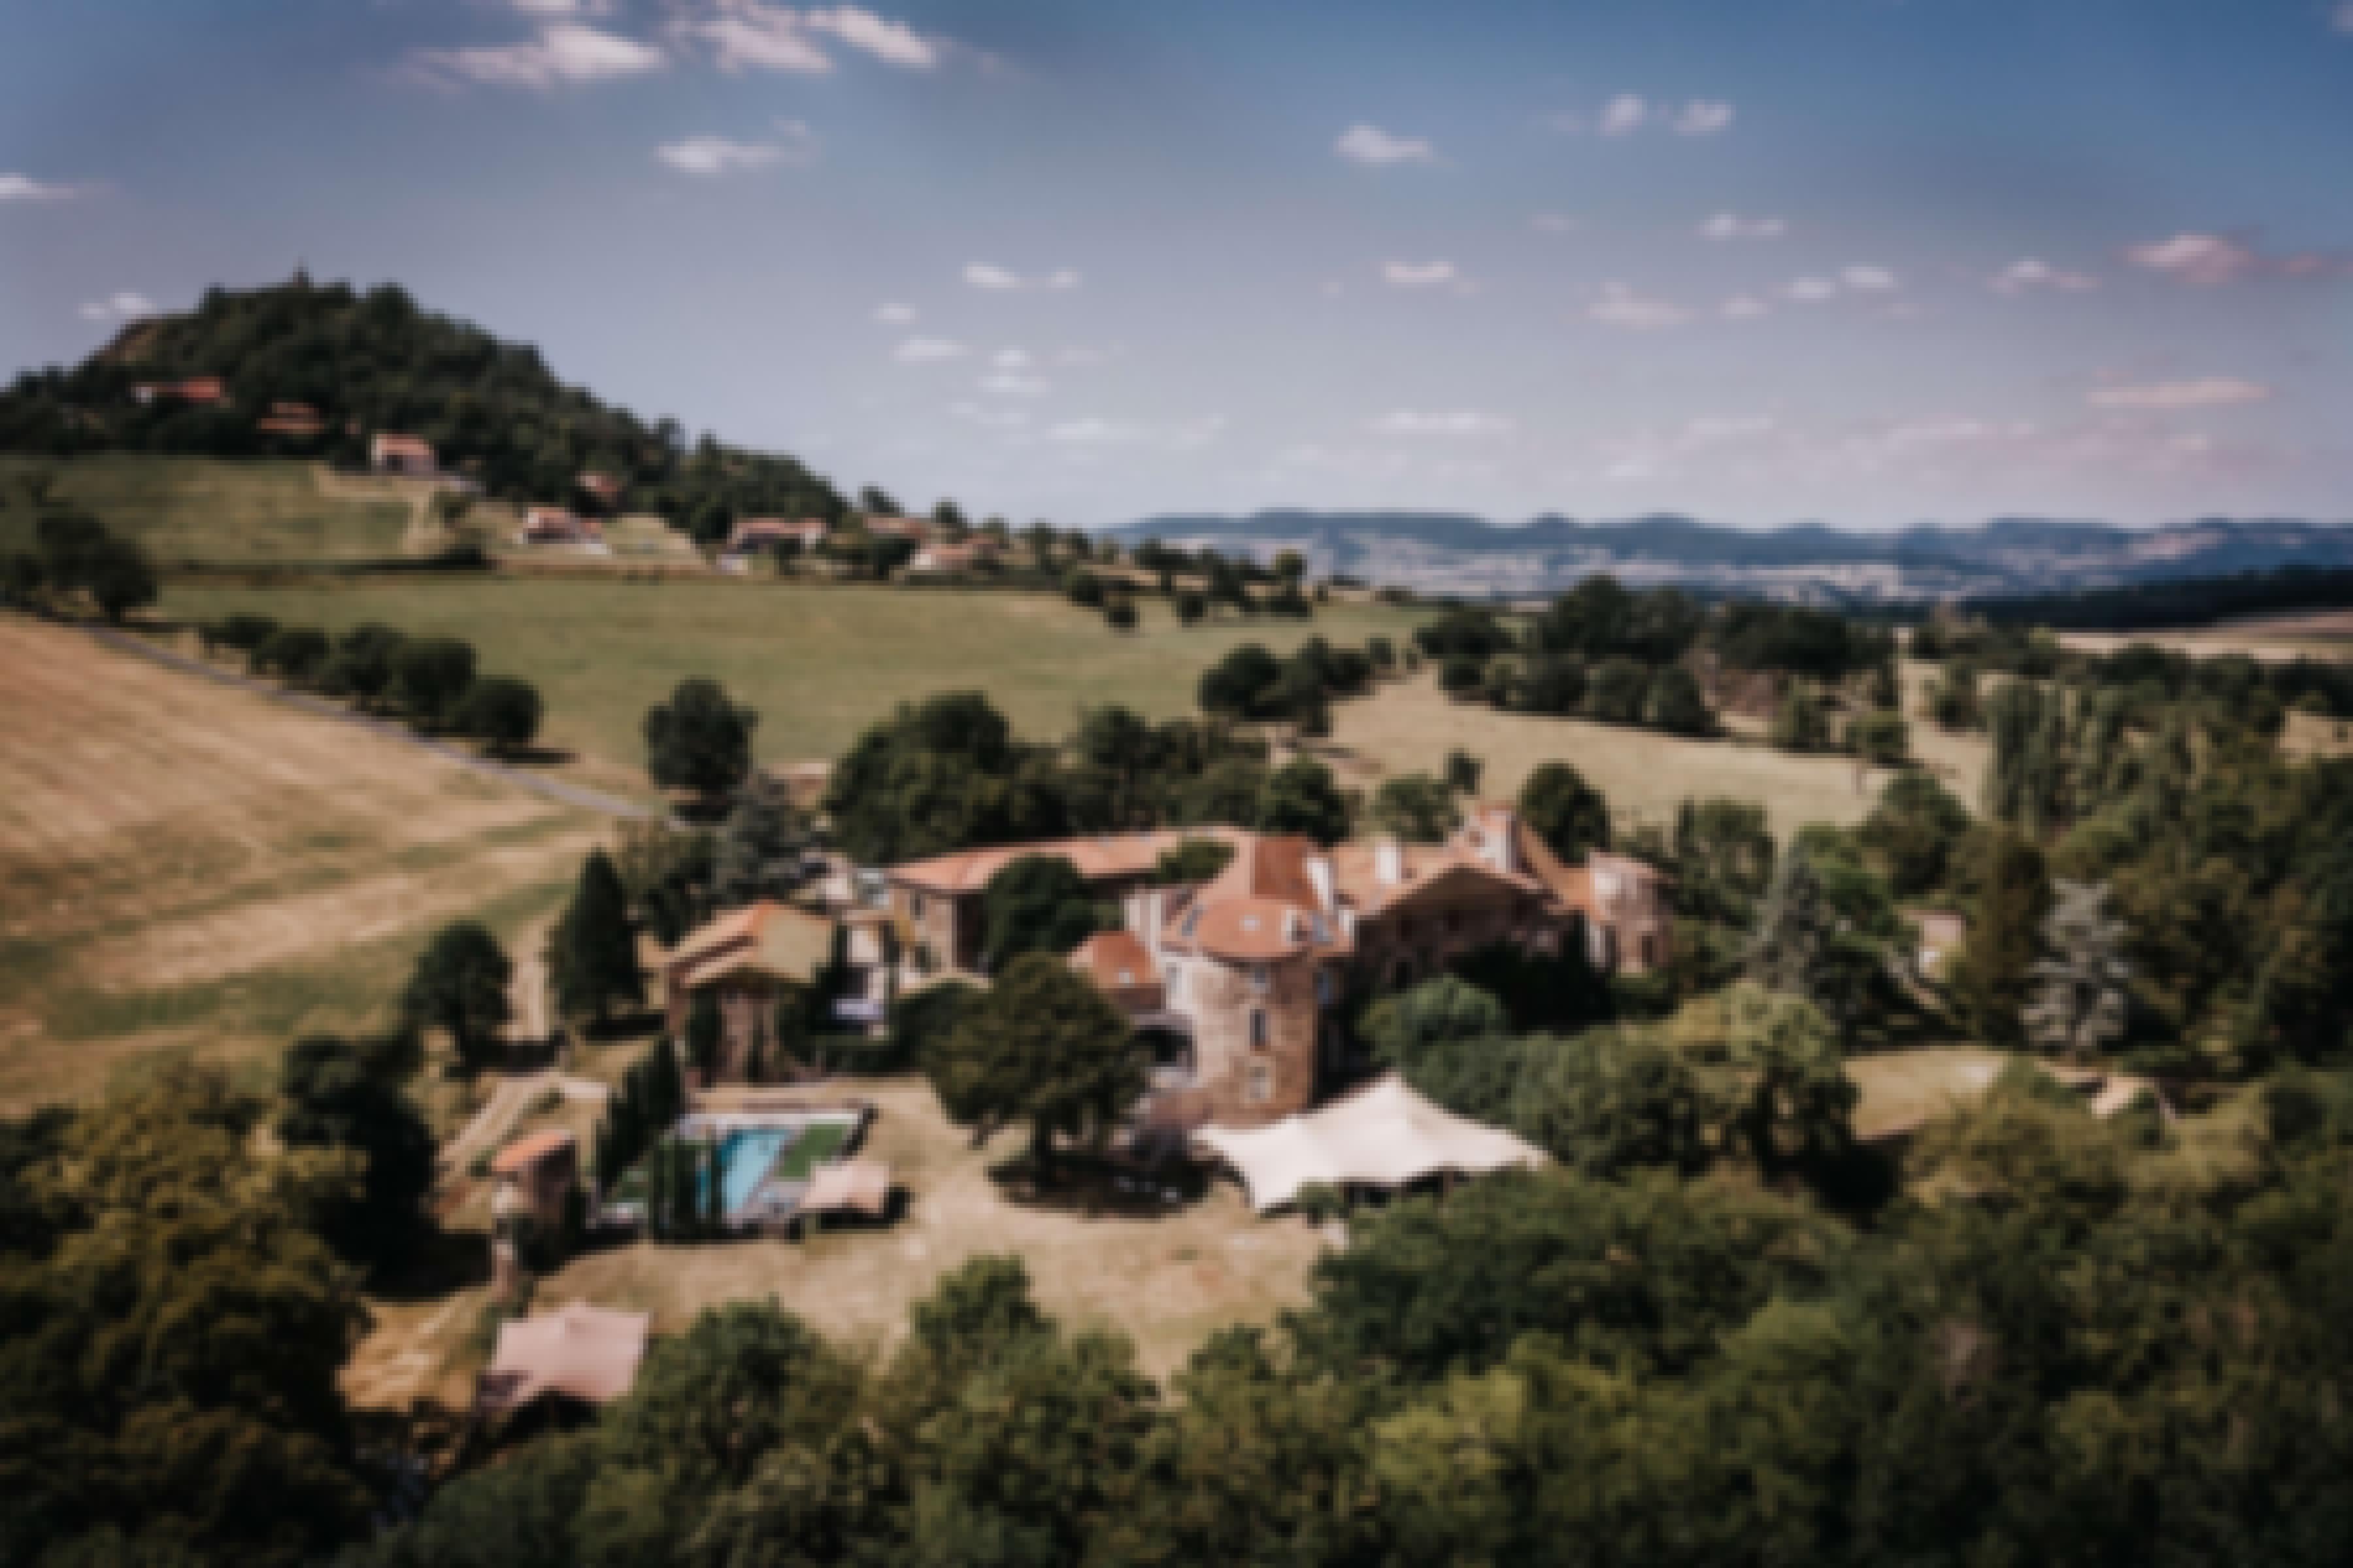 Vue aérienne du château de Bois Rigaud en Auvergne